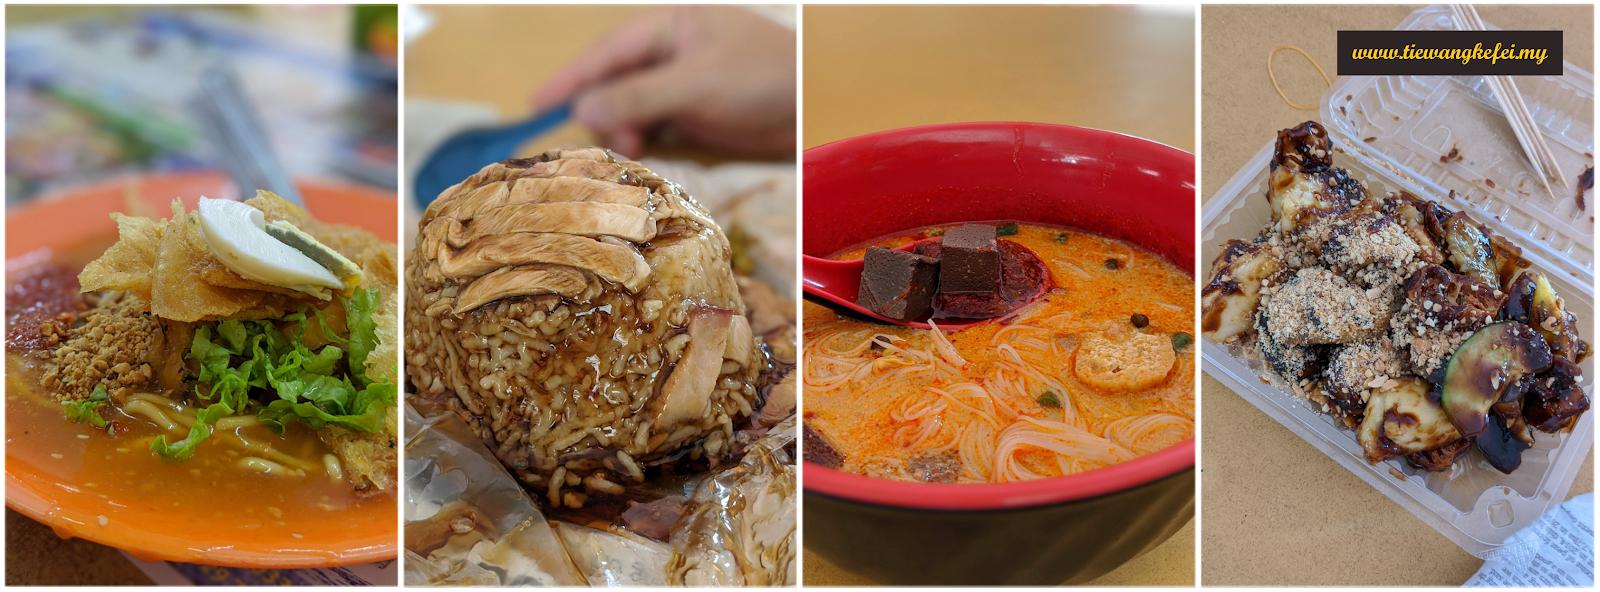 大山脚的美食, 大山脚芋头饭, 大山脚炒果条, cendol